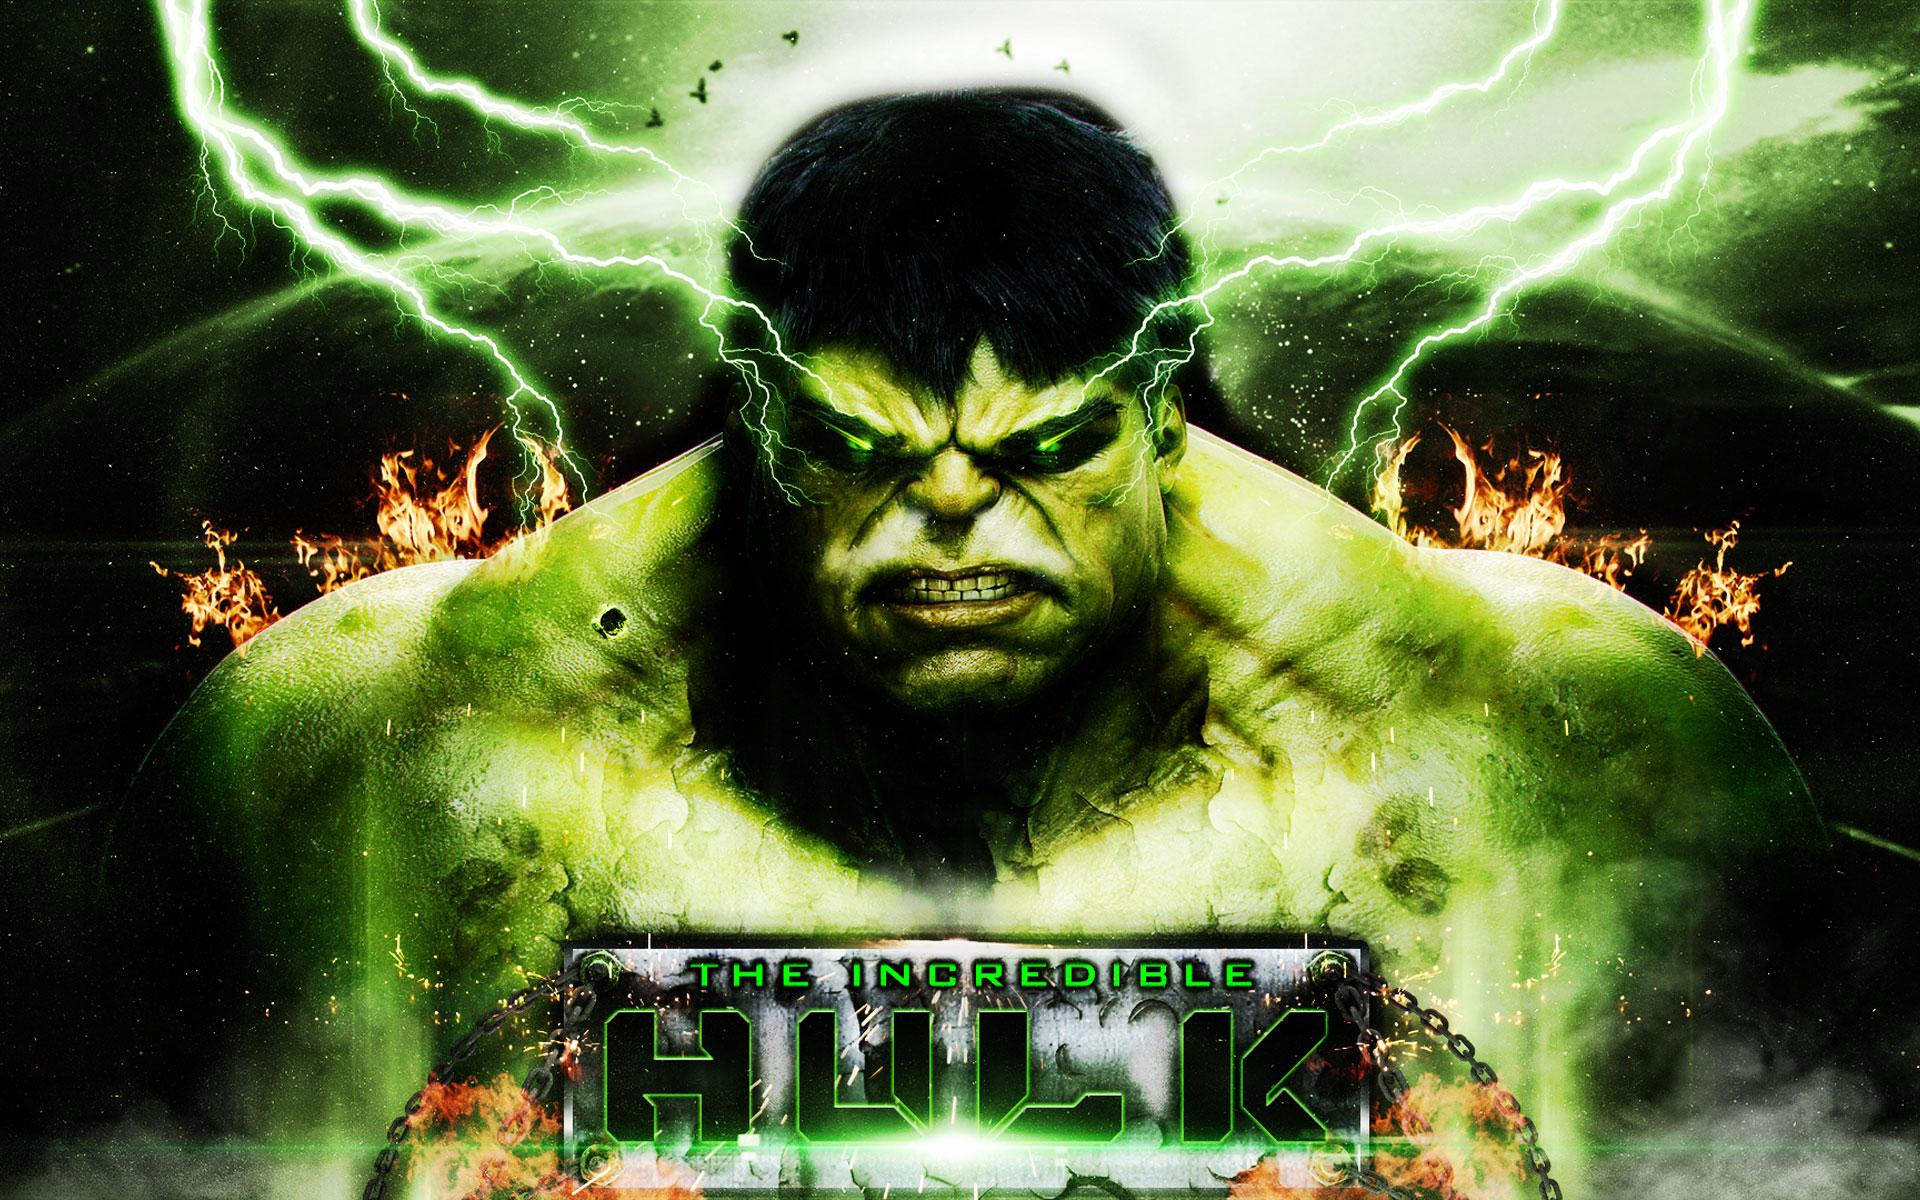 Incredible Hulk Wallpaper For Desktop 31